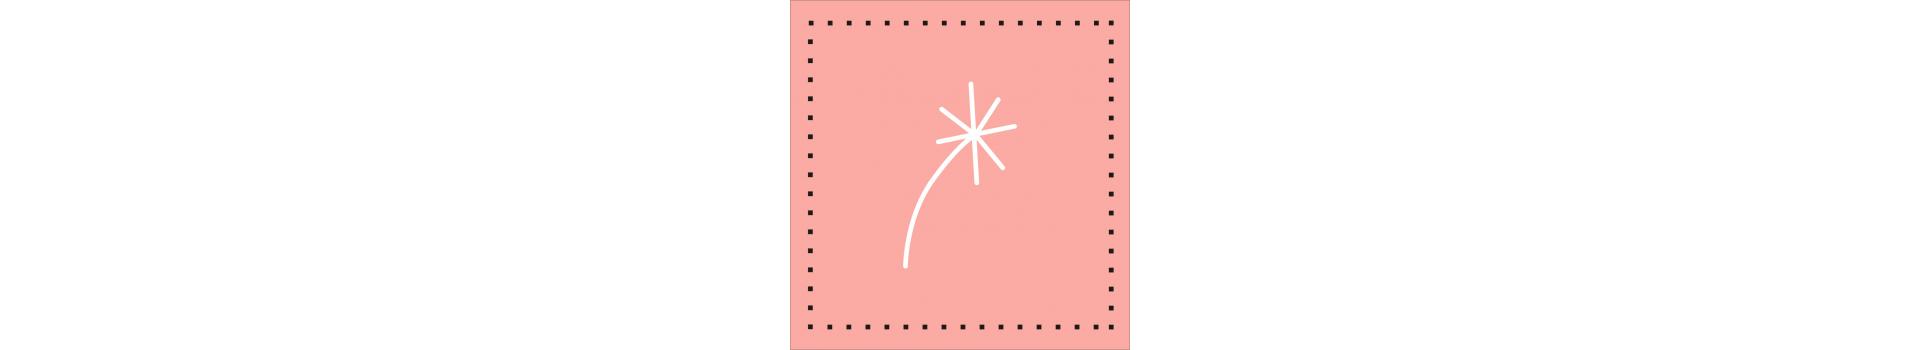 Accesorios Feb & June*Bufandas,fulares,gorros y más imprescindibles!